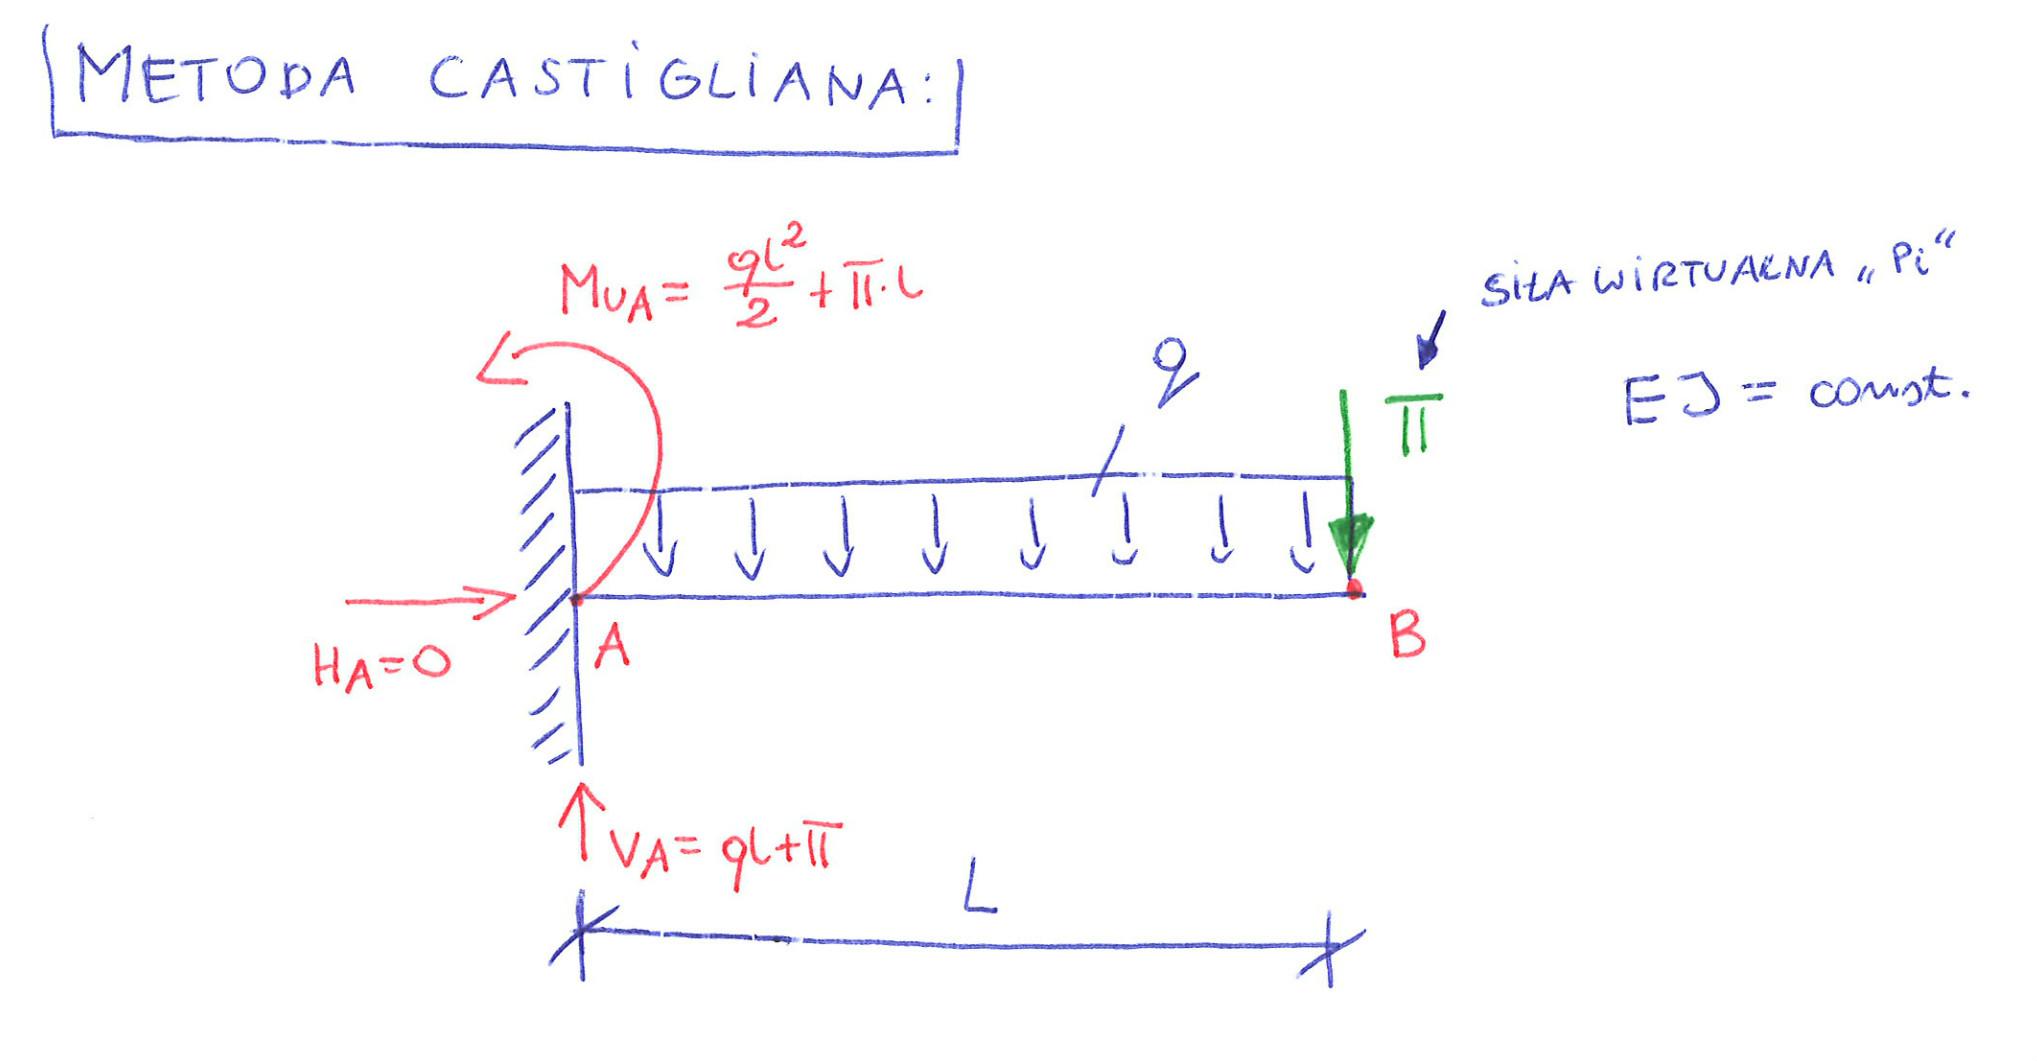 metoda catigliana siła wirtualna przemieszczenie pionowe punktu